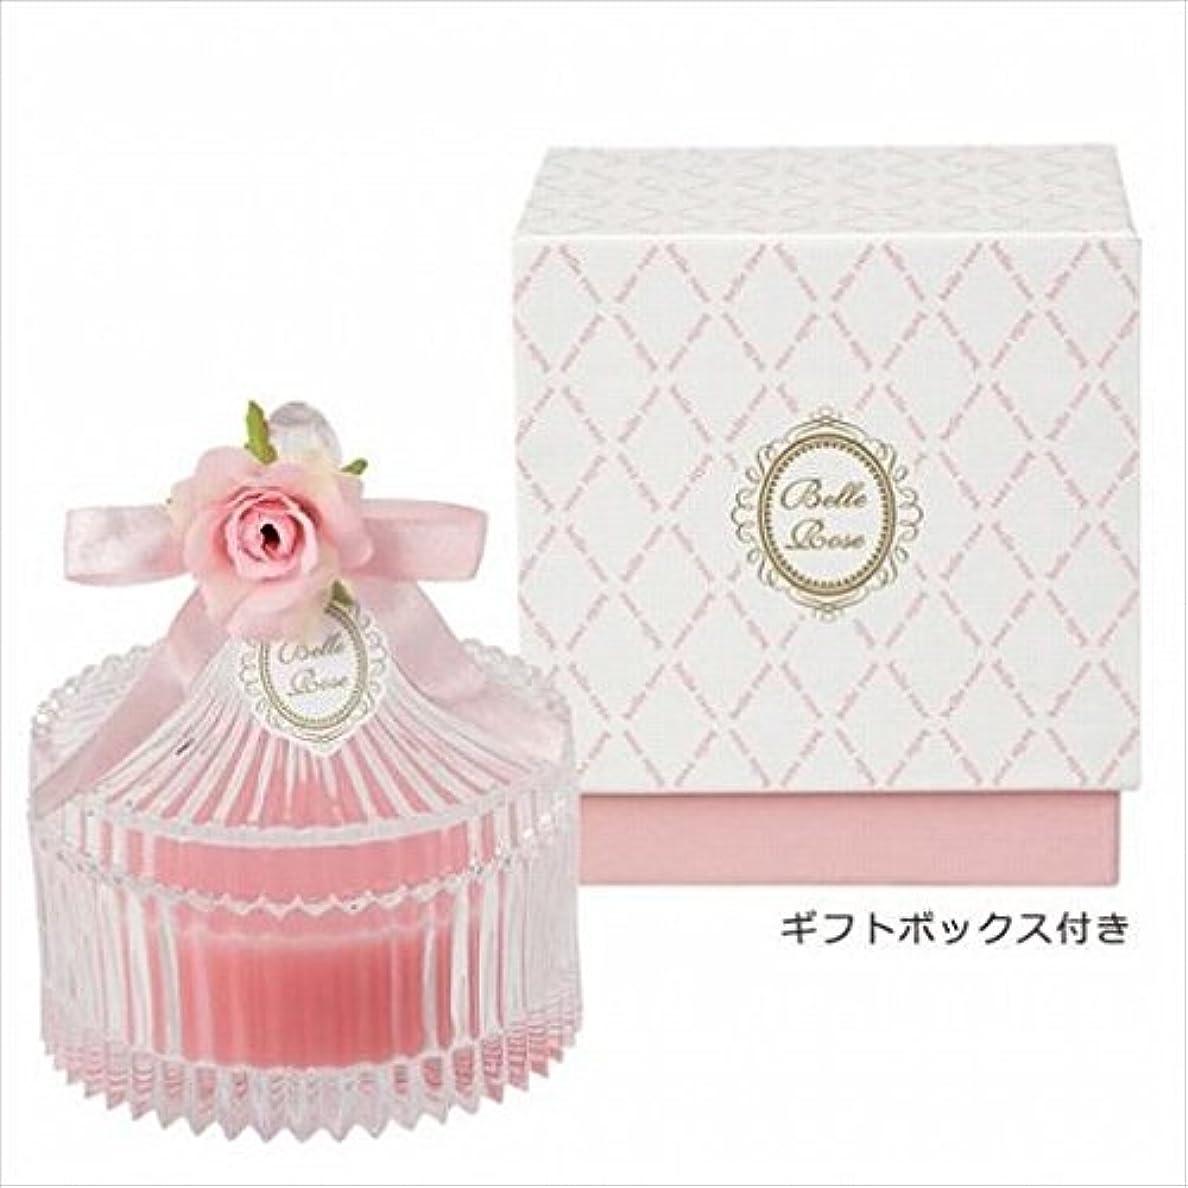 いちゃつくパン屋承認するkameyama candle(カメヤマキャンドル) ベルローズキャニスター 「 ピンク 」 キャンドル(A5920500PK)